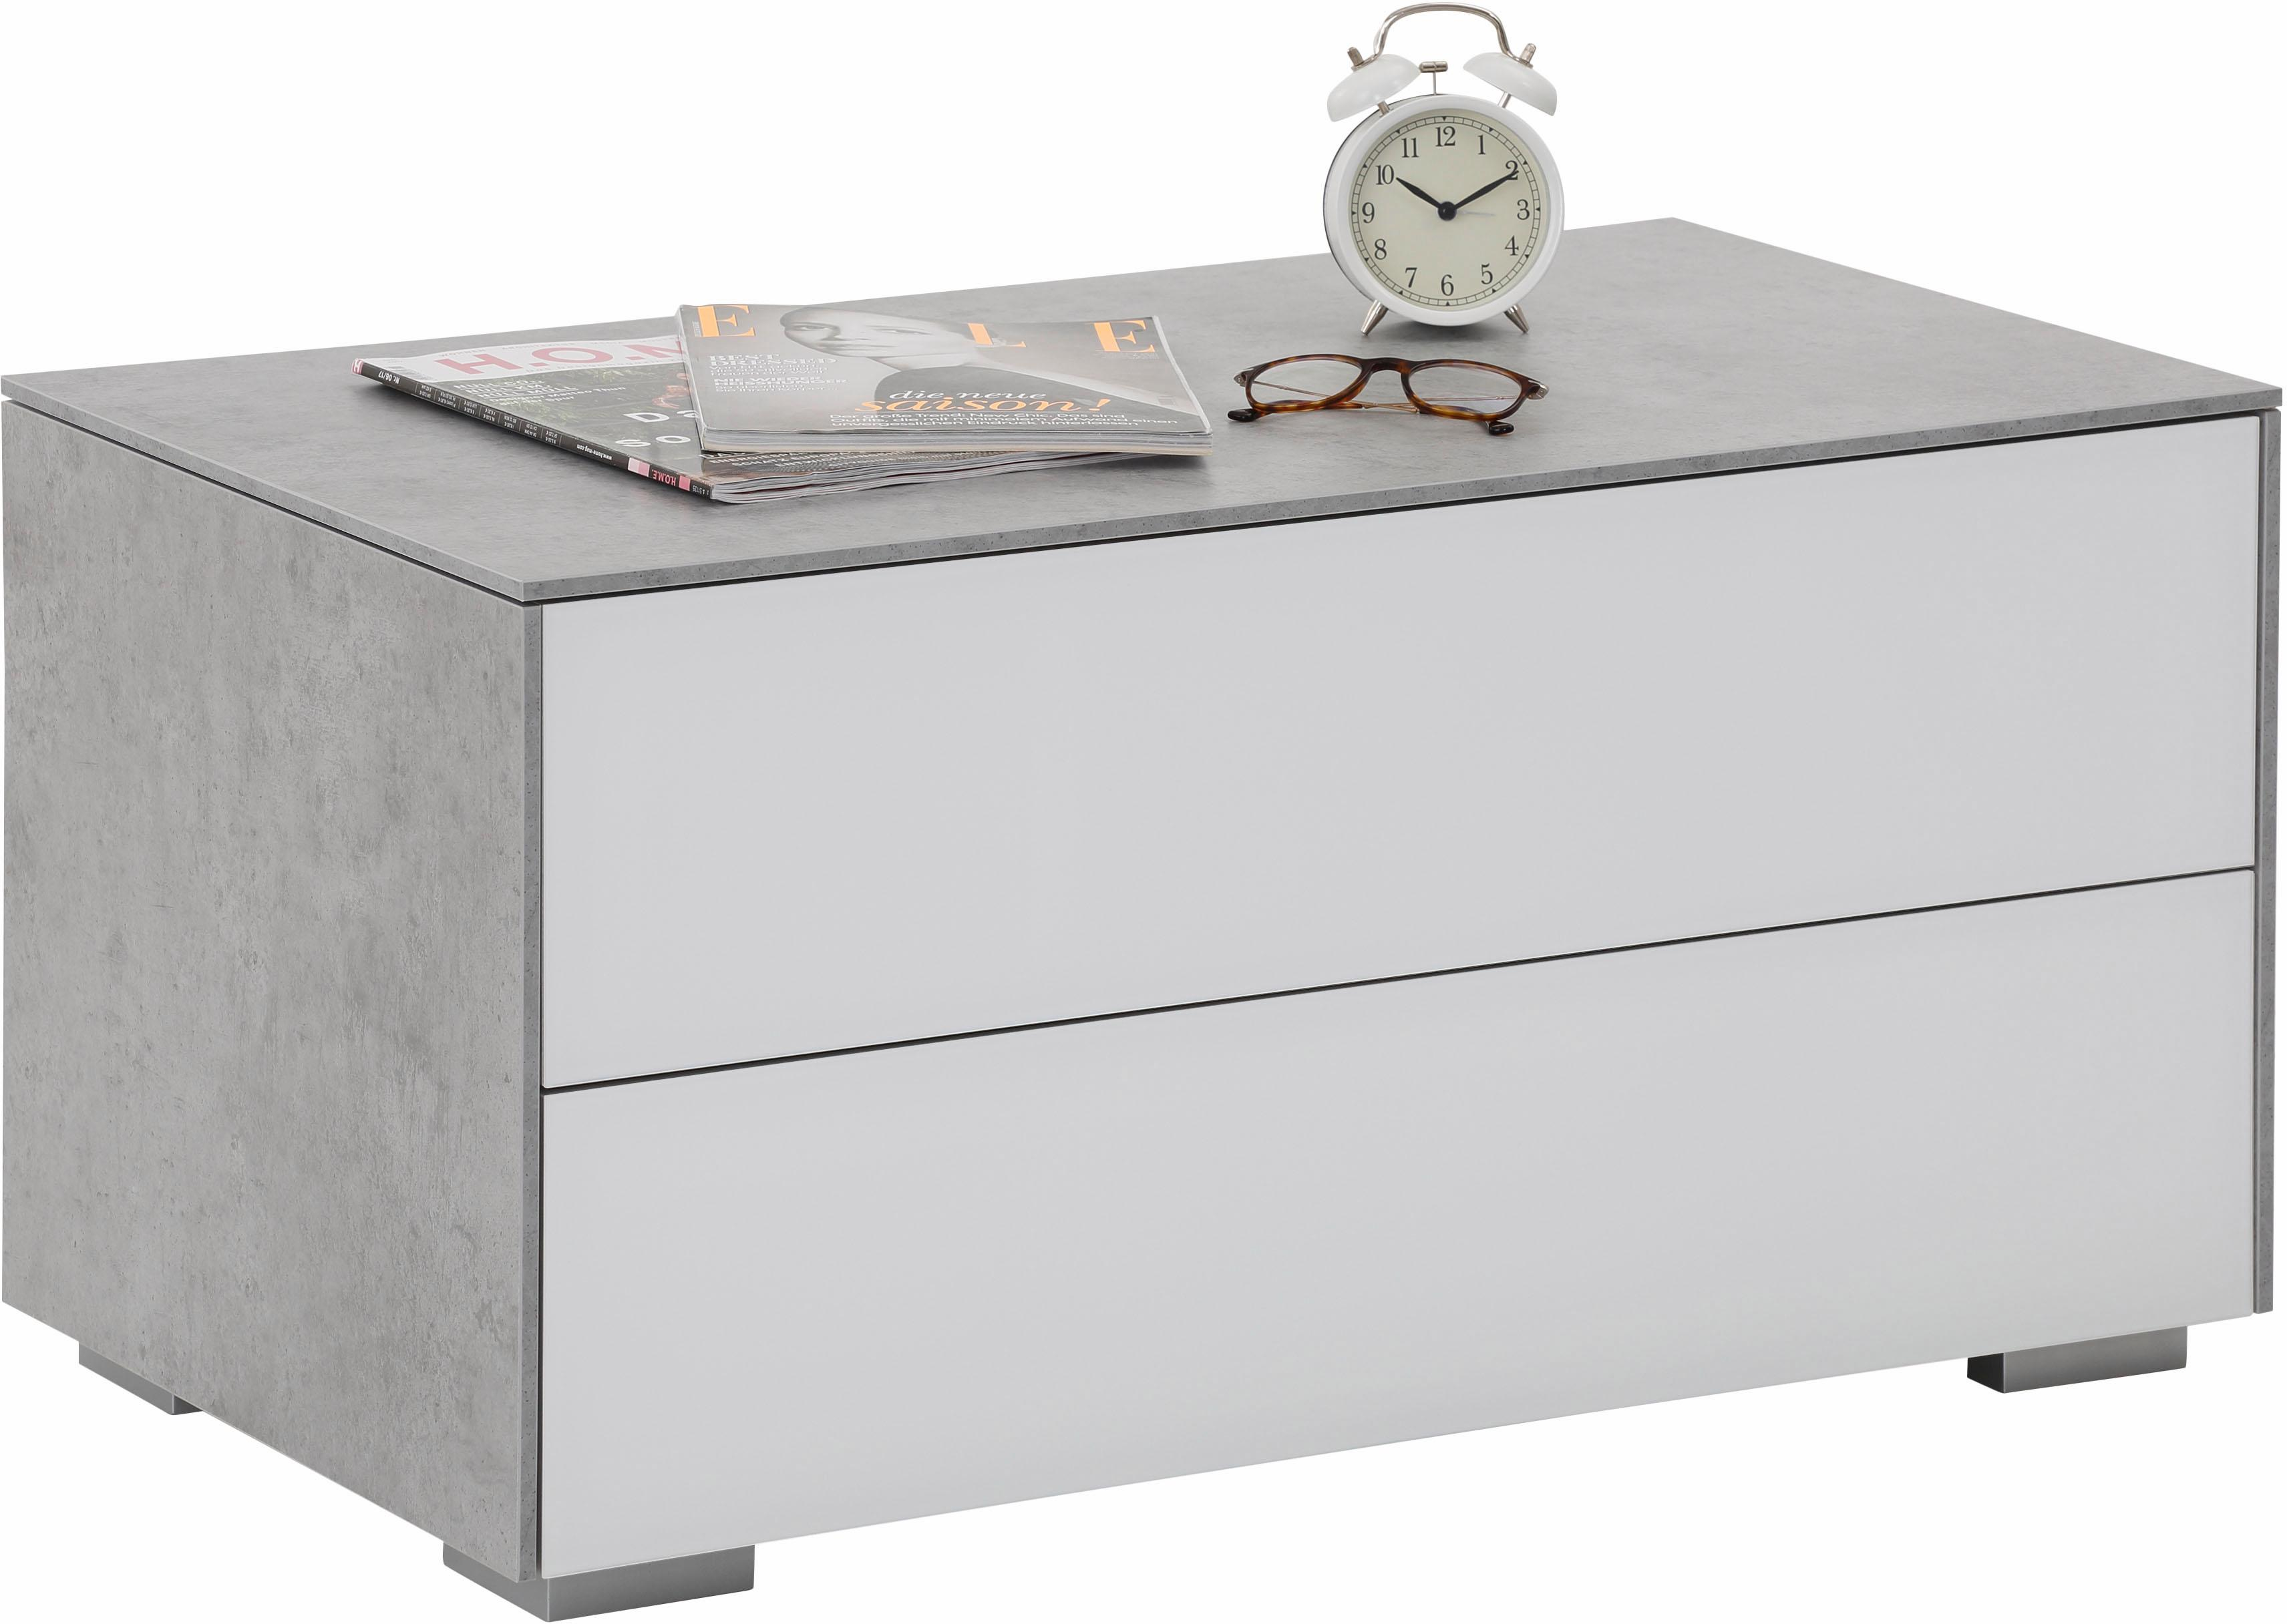 Maja Möbel Nachttisch »Best« mit Melaminbeschichtung und Glasfront, Push-to-open